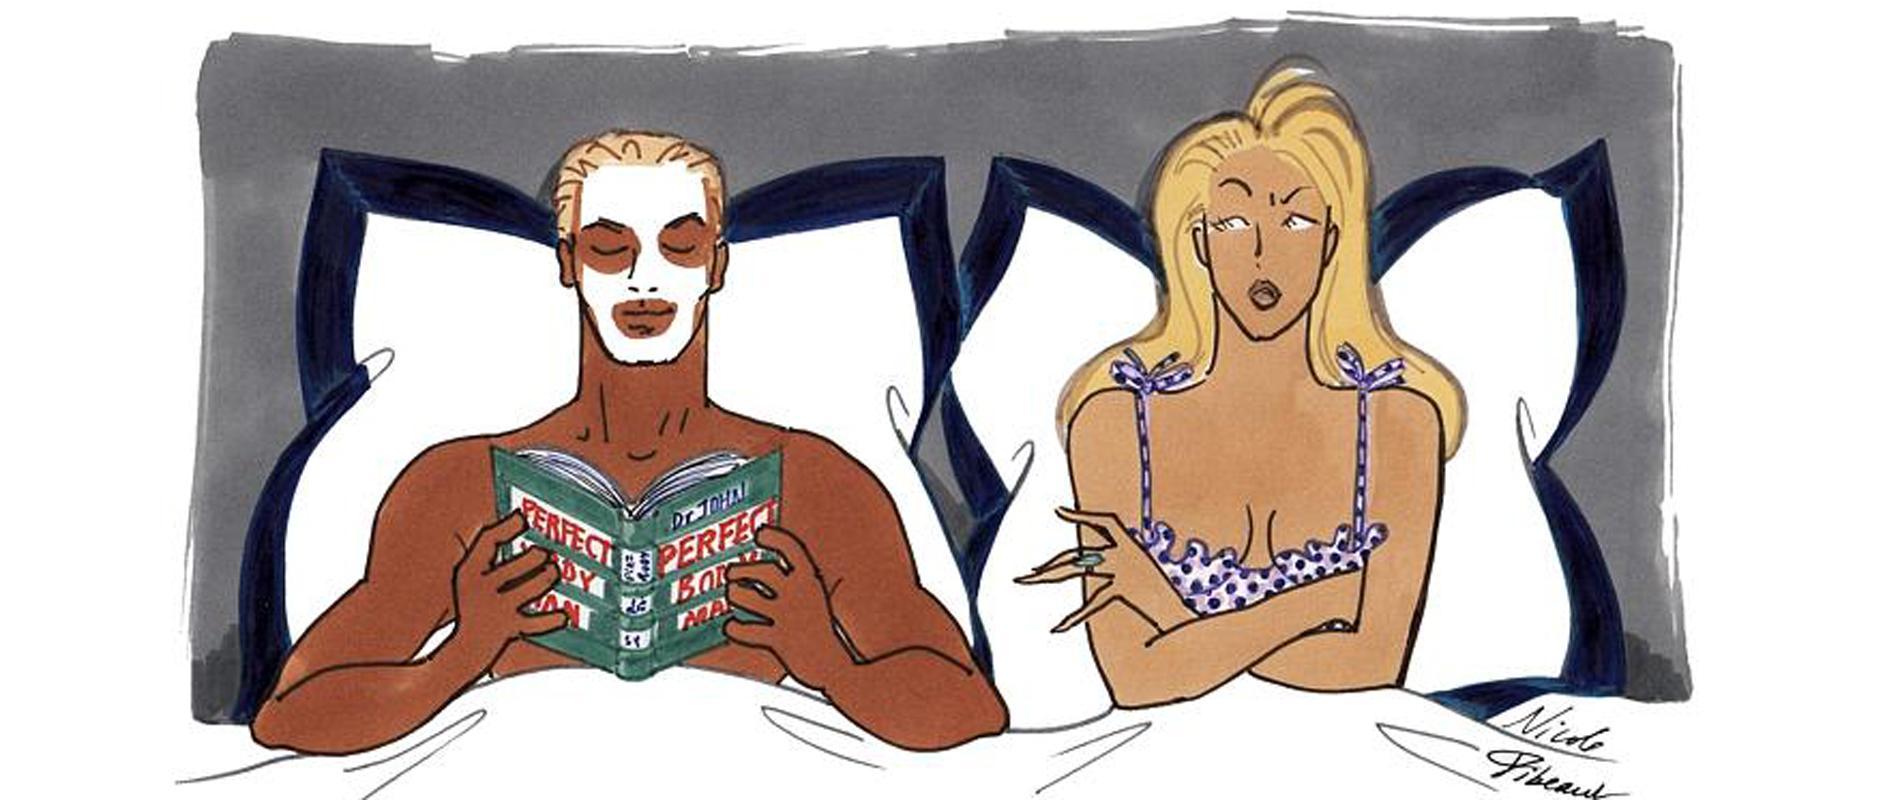 Chez Madame Trouvent Homme Sexy Que Un Les Femmes Figaro Ce qfSw8cX6f